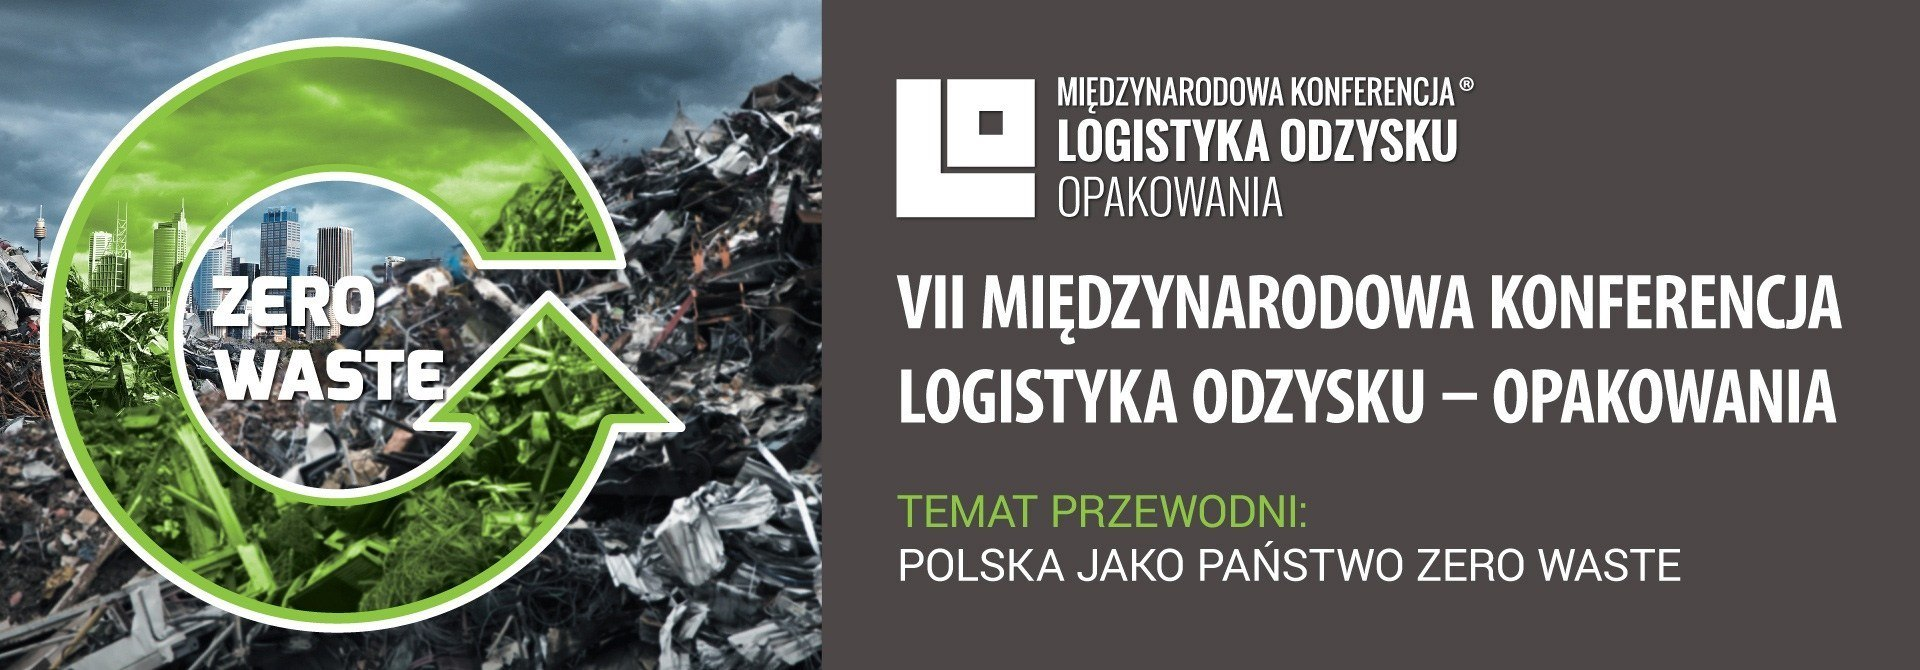 ec_miedzynarodowa_konferencja_lo_opakowania_czerwiec_2018